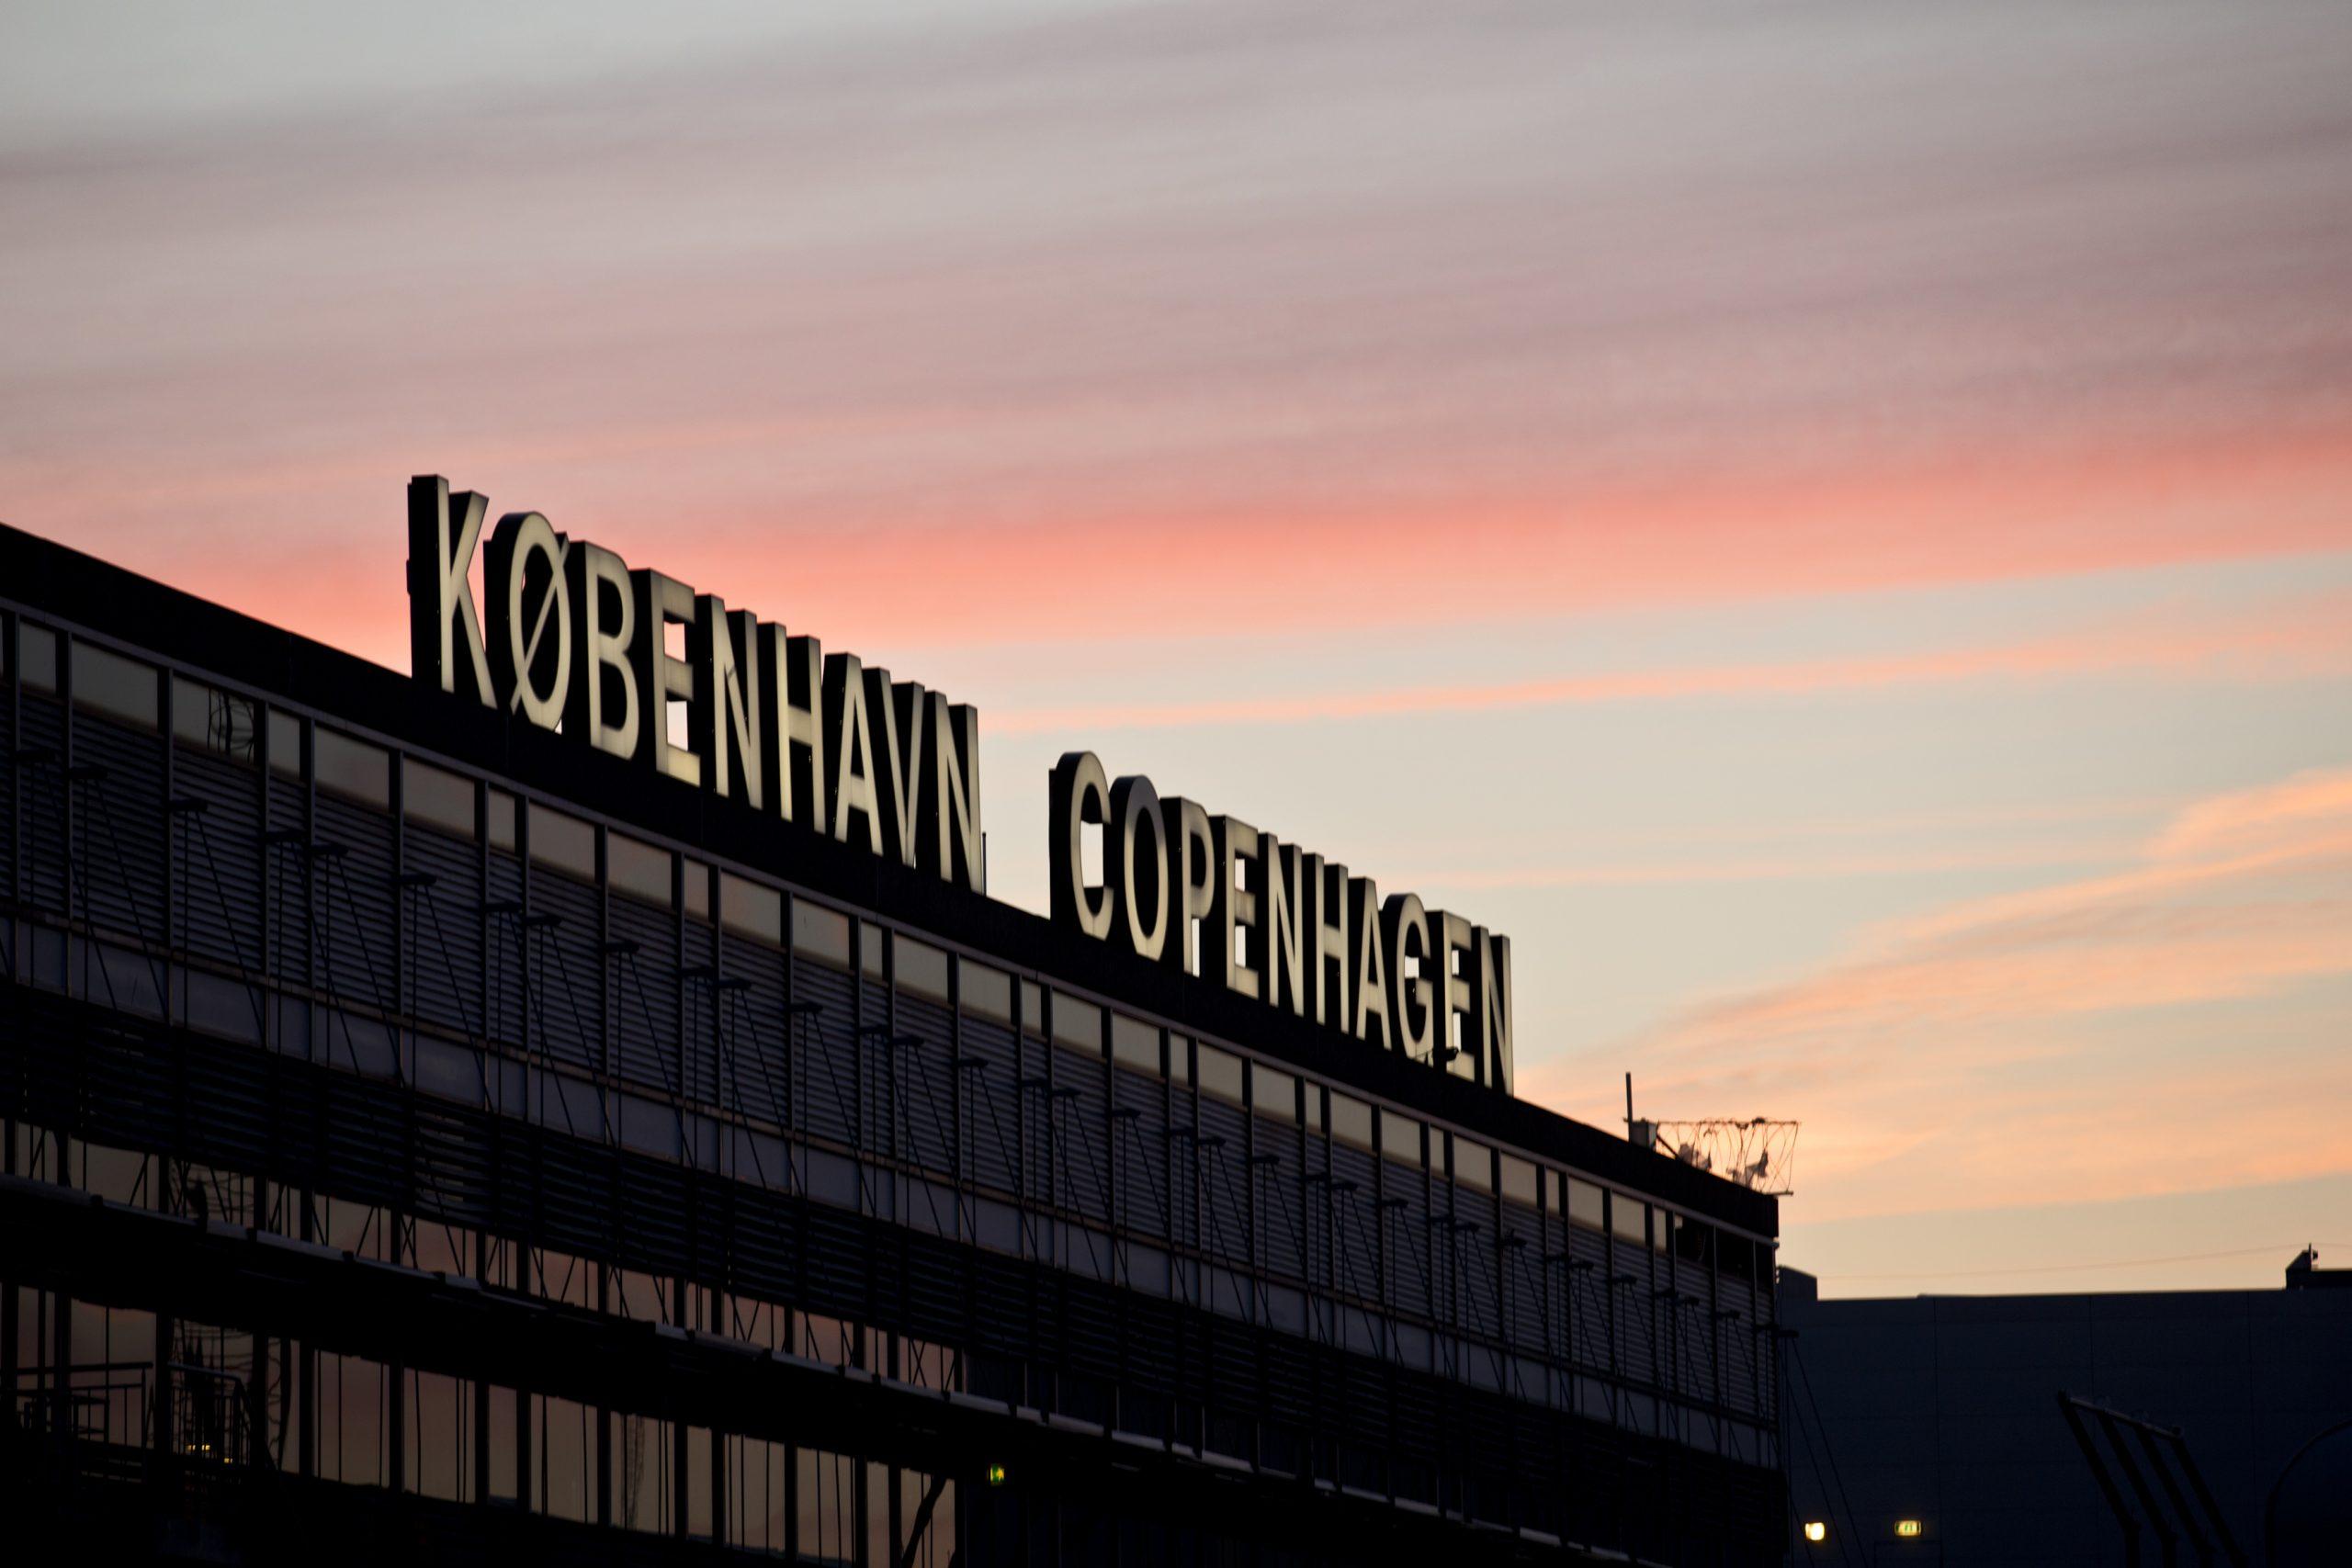 Foto: Københavns Lufthavn